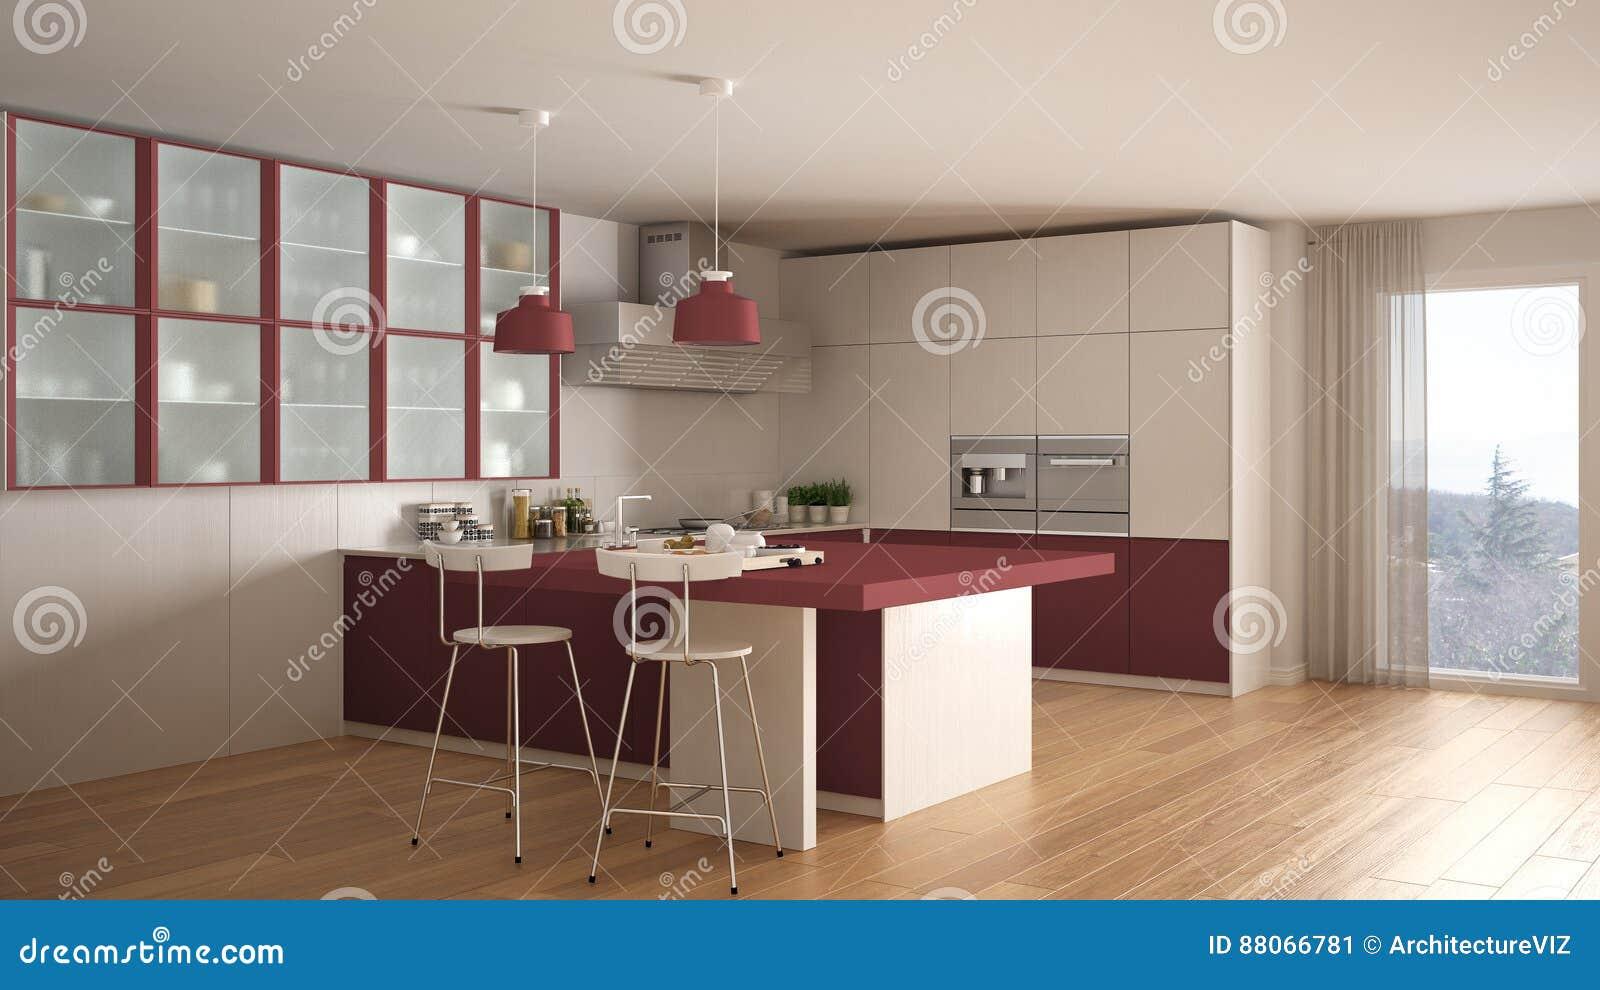 Cucina bianca e rossa minima classica con il pavimento di parquet moderno illustrazione di - Cucina bianca classica ...